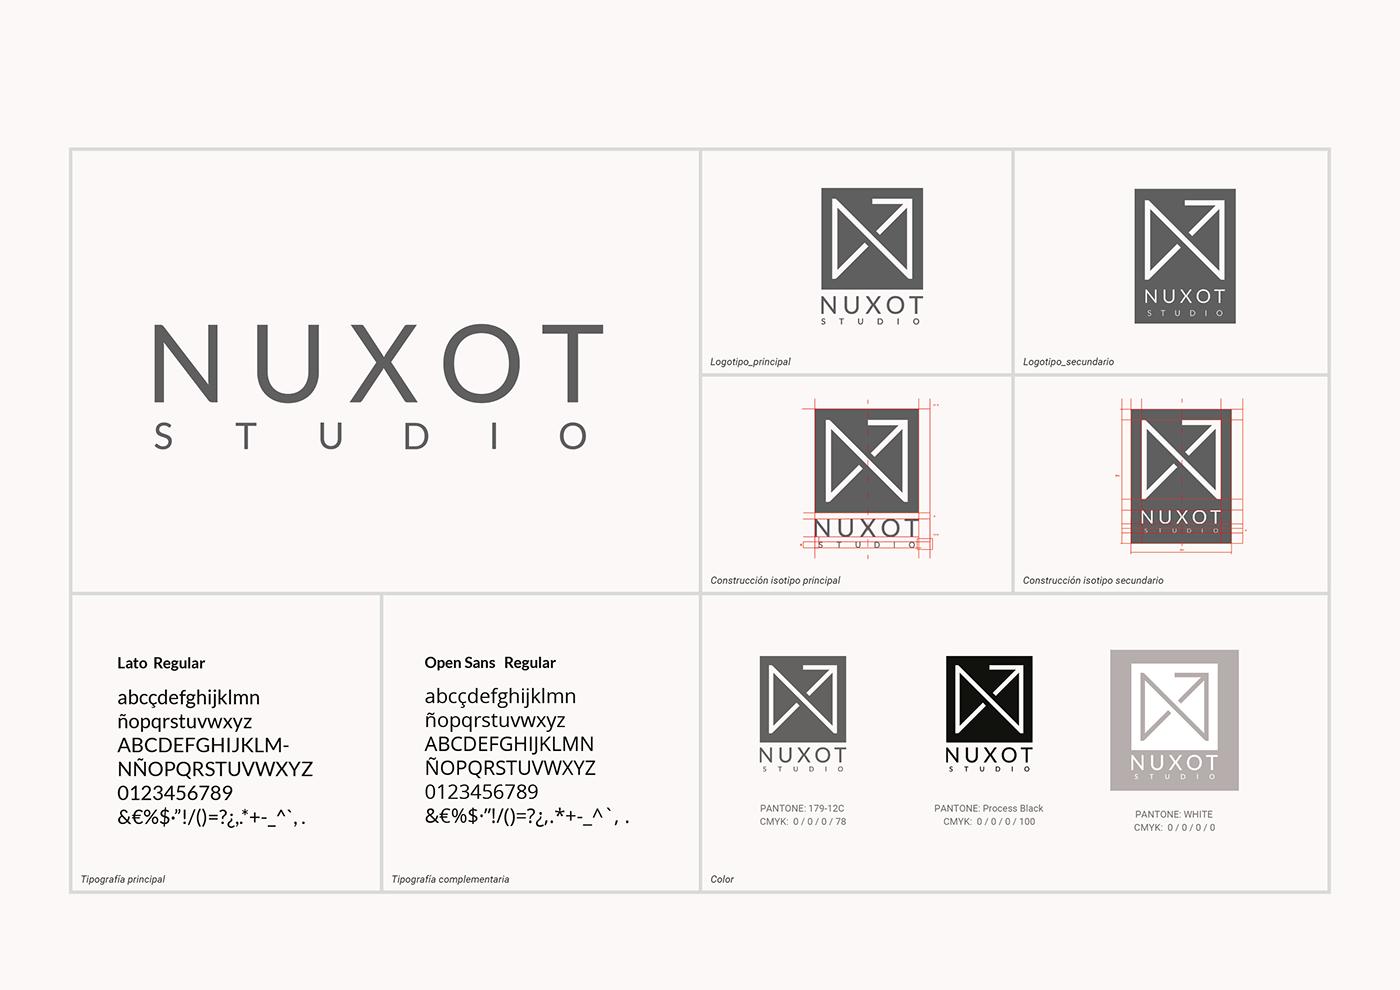 Muestra de construcción, diferentes logos y tipografías aplicadas al logotipo